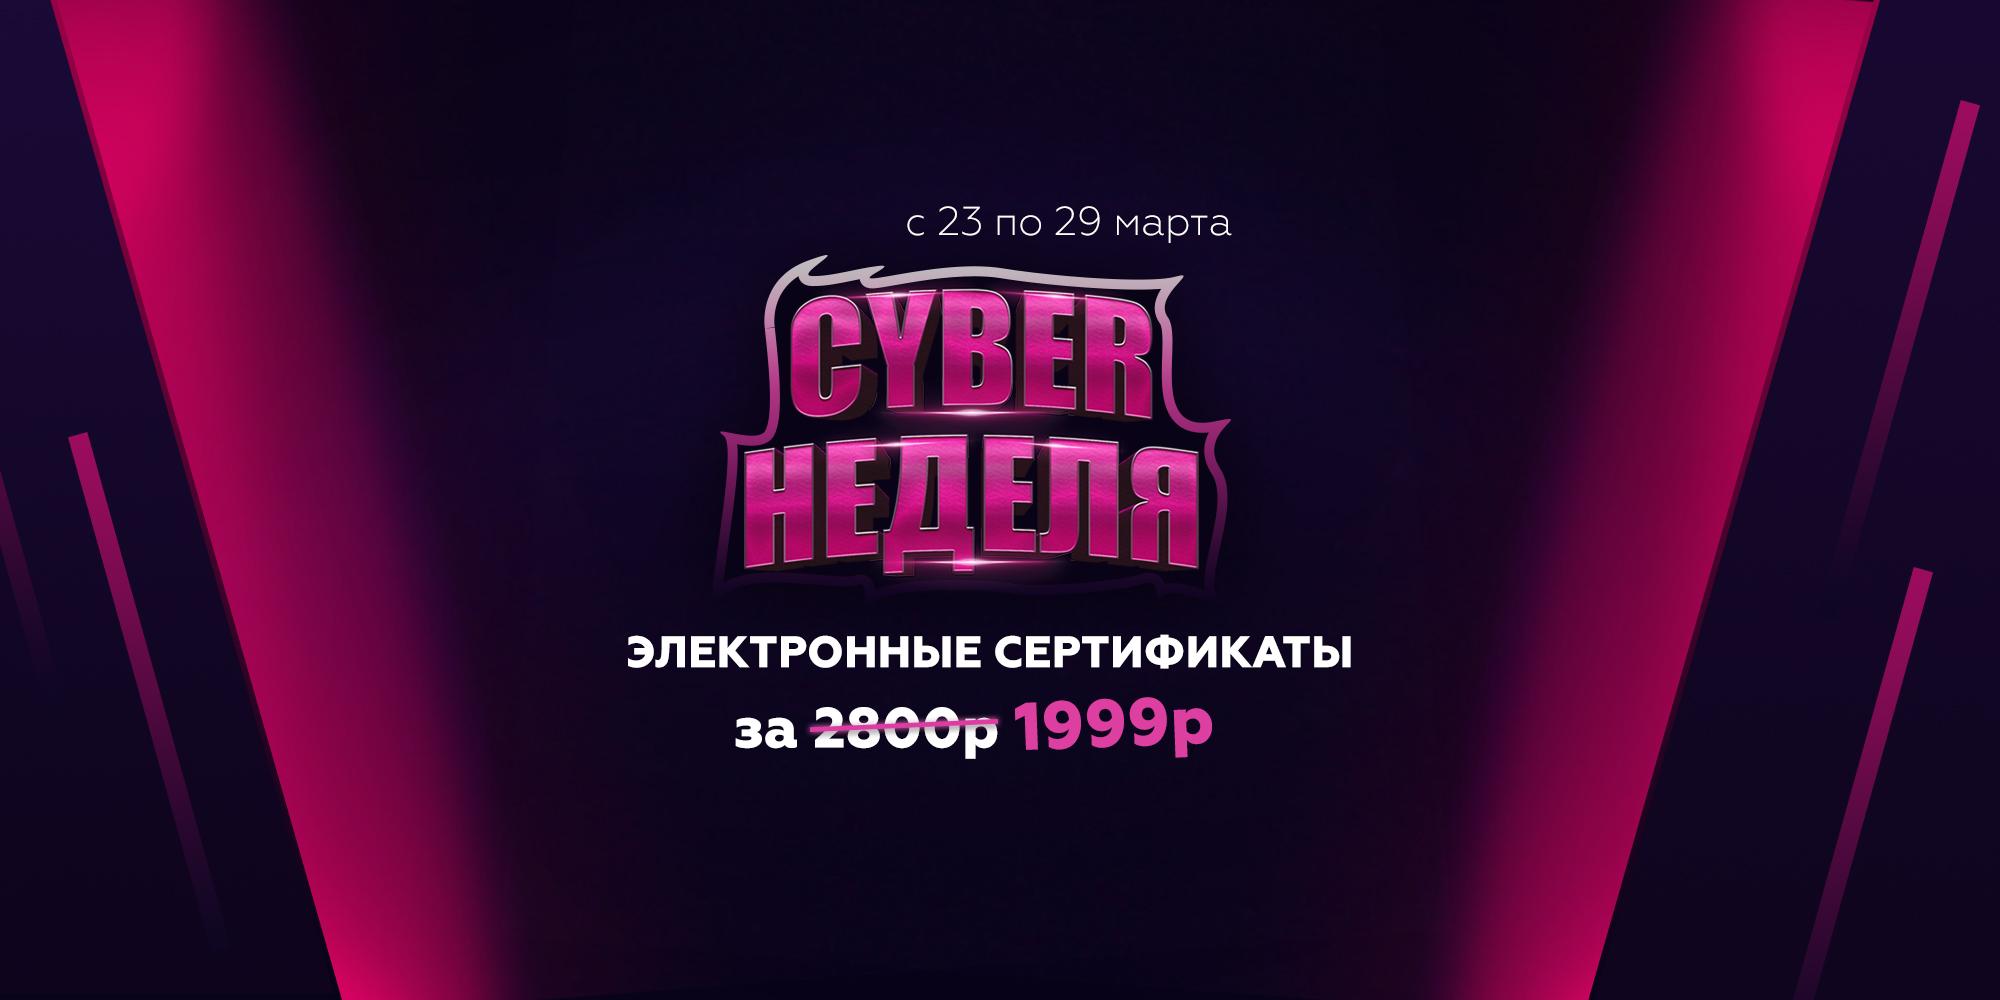 2000kh1000_Sayt_E-mail (1)